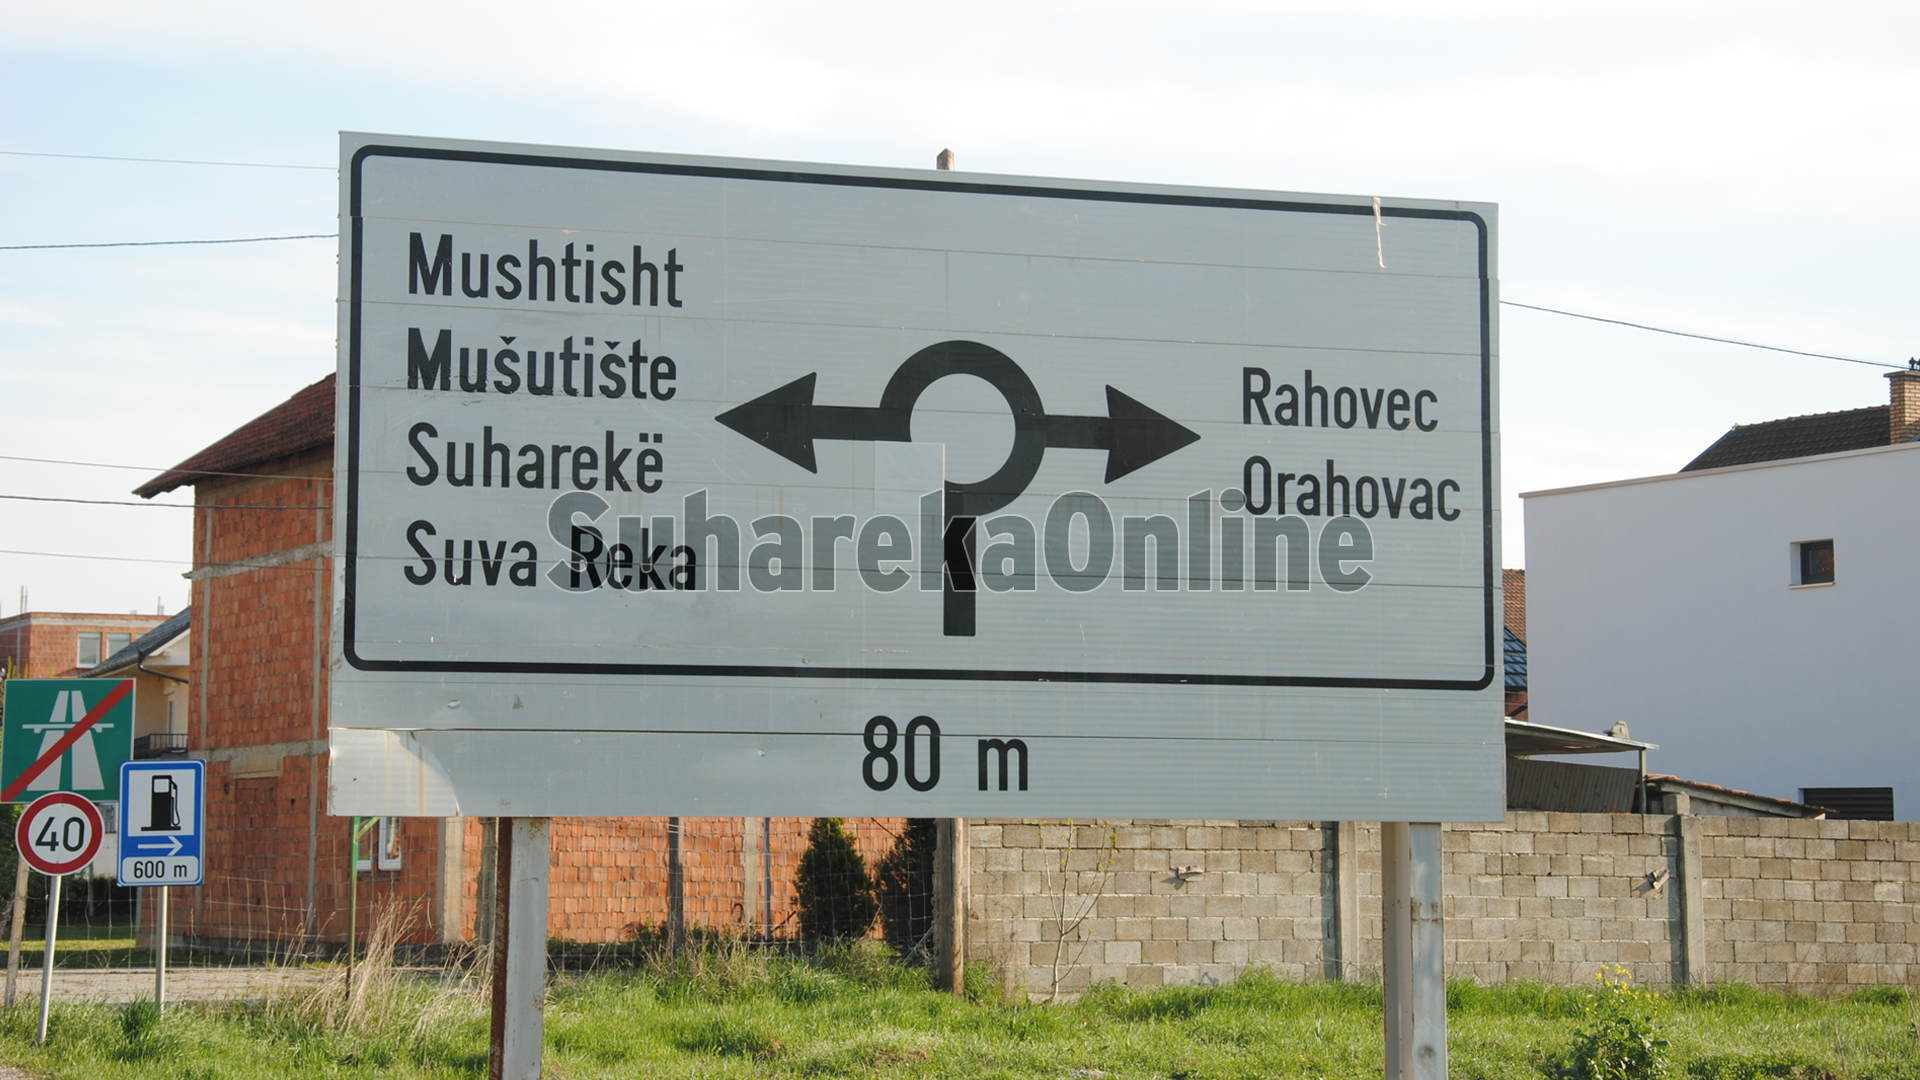 Suhareka me 16 raste aktive në këto fshatra